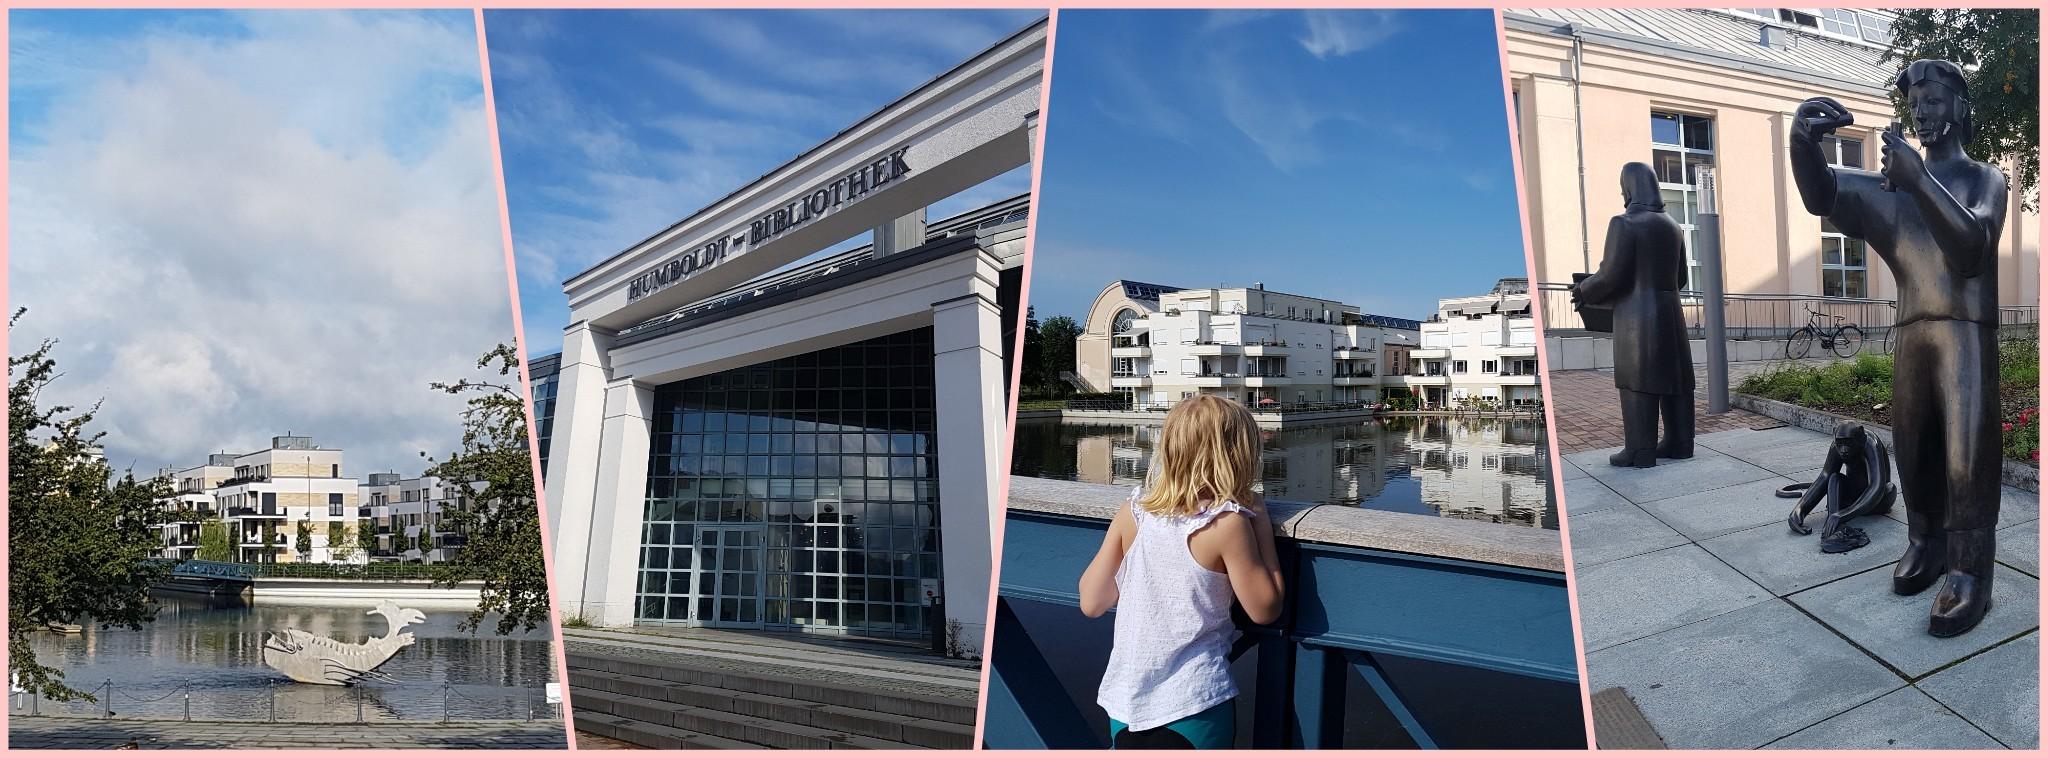 Radtour mit Kindern zur Humboldt-Bibliothek und Tegeler Insel